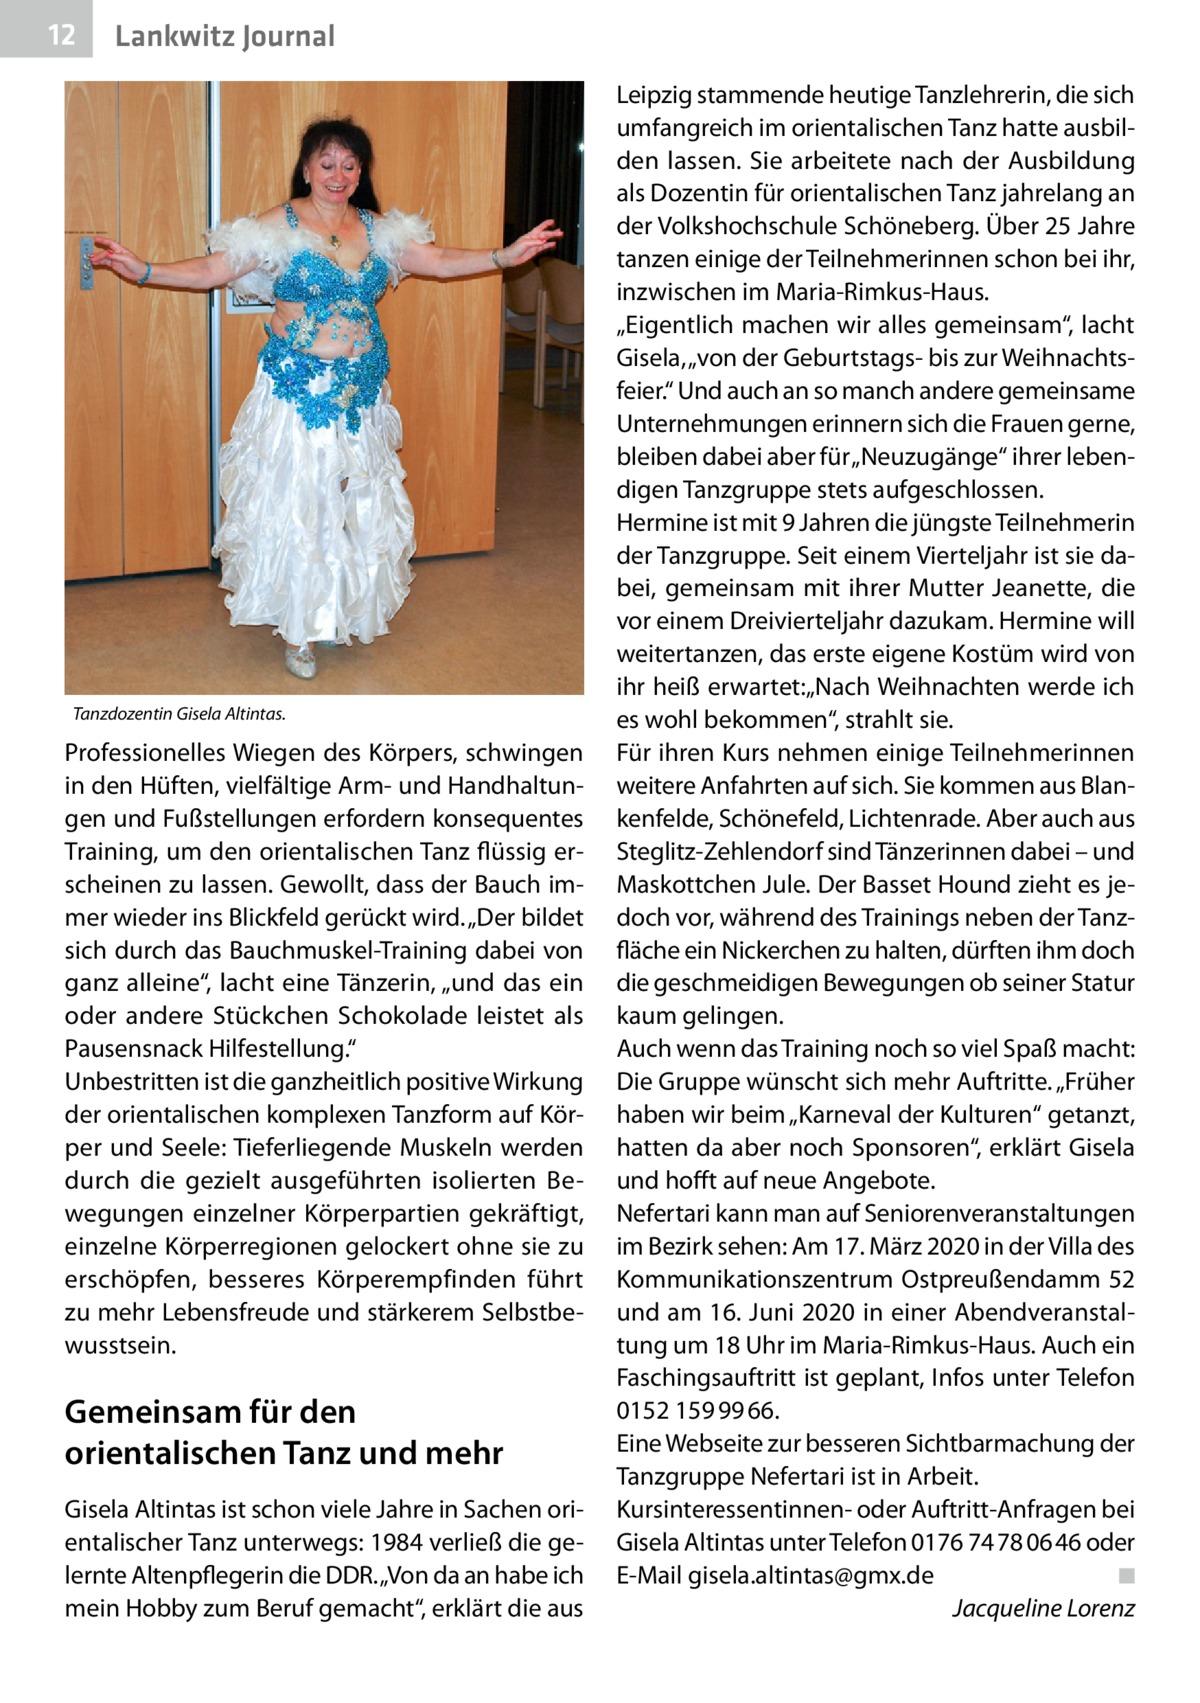 """12  Lankwitz Journal  Tanzdozentin Gisela Altintas.  Professionelles Wiegen des Körpers, schwingen in den Hüften, vielfältige Arm- und Handhaltungen und Fußstellungen erfordern konsequentes Training, um den orientalischen Tanz flüssig erscheinen zu lassen. Gewollt, dass der Bauch immer wieder ins Blickfeld gerückt wird. """"Der bildet sich durch das Bauchmuskel-Training dabei von ganz alleine"""", lacht eine Tänzerin, """"und das ein oder andere Stückchen Schokolade leistet als Pausensnack Hilfestellung."""" Unbestritten ist die ganzheitlich positive Wirkung der orientalischen komplexen Tanzform auf Körper und Seele: Tieferliegende Muskeln werden durch die gezielt ausgeführten isolierten Bewegungen einzelner Körperpartien gekräftigt, einzelne Körperregionen gelockert ohne sie zu erschöpfen, besseres Körperempfinden führt zu mehr Lebensfreude und stärkerem Selbstbewusstsein.  Gemeinsam für den orientalischen Tanz und mehr Gisela Altintas ist schon viele Jahre in Sachen orientalischer Tanz unterwegs: 1984 verließ die gelernte Altenpflegerin die DDR. """"Von da an habe ich mein Hobby zum Beruf gemacht"""", erklärt die aus  Leipzig stammende heutige Tanzlehrerin, die sich umfangreich im orientalischen Tanz hatte ausbilden lassen. Sie arbeitete nach der Ausbildung als Dozentin für orientalischen Tanz jahrelang an der Volkshochschule Schöneberg. Über 25Jahre tanzen einige der Teilnehmerinnen schon bei ihr, inzwischen im Maria-Rimkus-Haus. """"Eigentlich machen wir alles gemeinsam"""", lacht Gisela, """"von der Geburtstags- bis zur Weihnachtsfeier."""" Und auch an so manch andere gemeinsame Unternehmungen erinnern sich die Frauen gerne, bleiben dabei aber für """"Neuzugänge"""" ihrer lebendigen Tanzgruppe stets aufgeschlossen. Hermine ist mit 9Jahren die jüngste Teilnehmerin der Tanzgruppe. Seit einem Vierteljahr ist sie dabei, gemeinsam mit ihrer Mutter Jeanette, die vor einem Dreivierteljahr dazukam. Hermine will weitertanzen, das erste eigene Kostüm wird von ihr heiß erwartet:""""Nach Weihnachten werde ich e"""